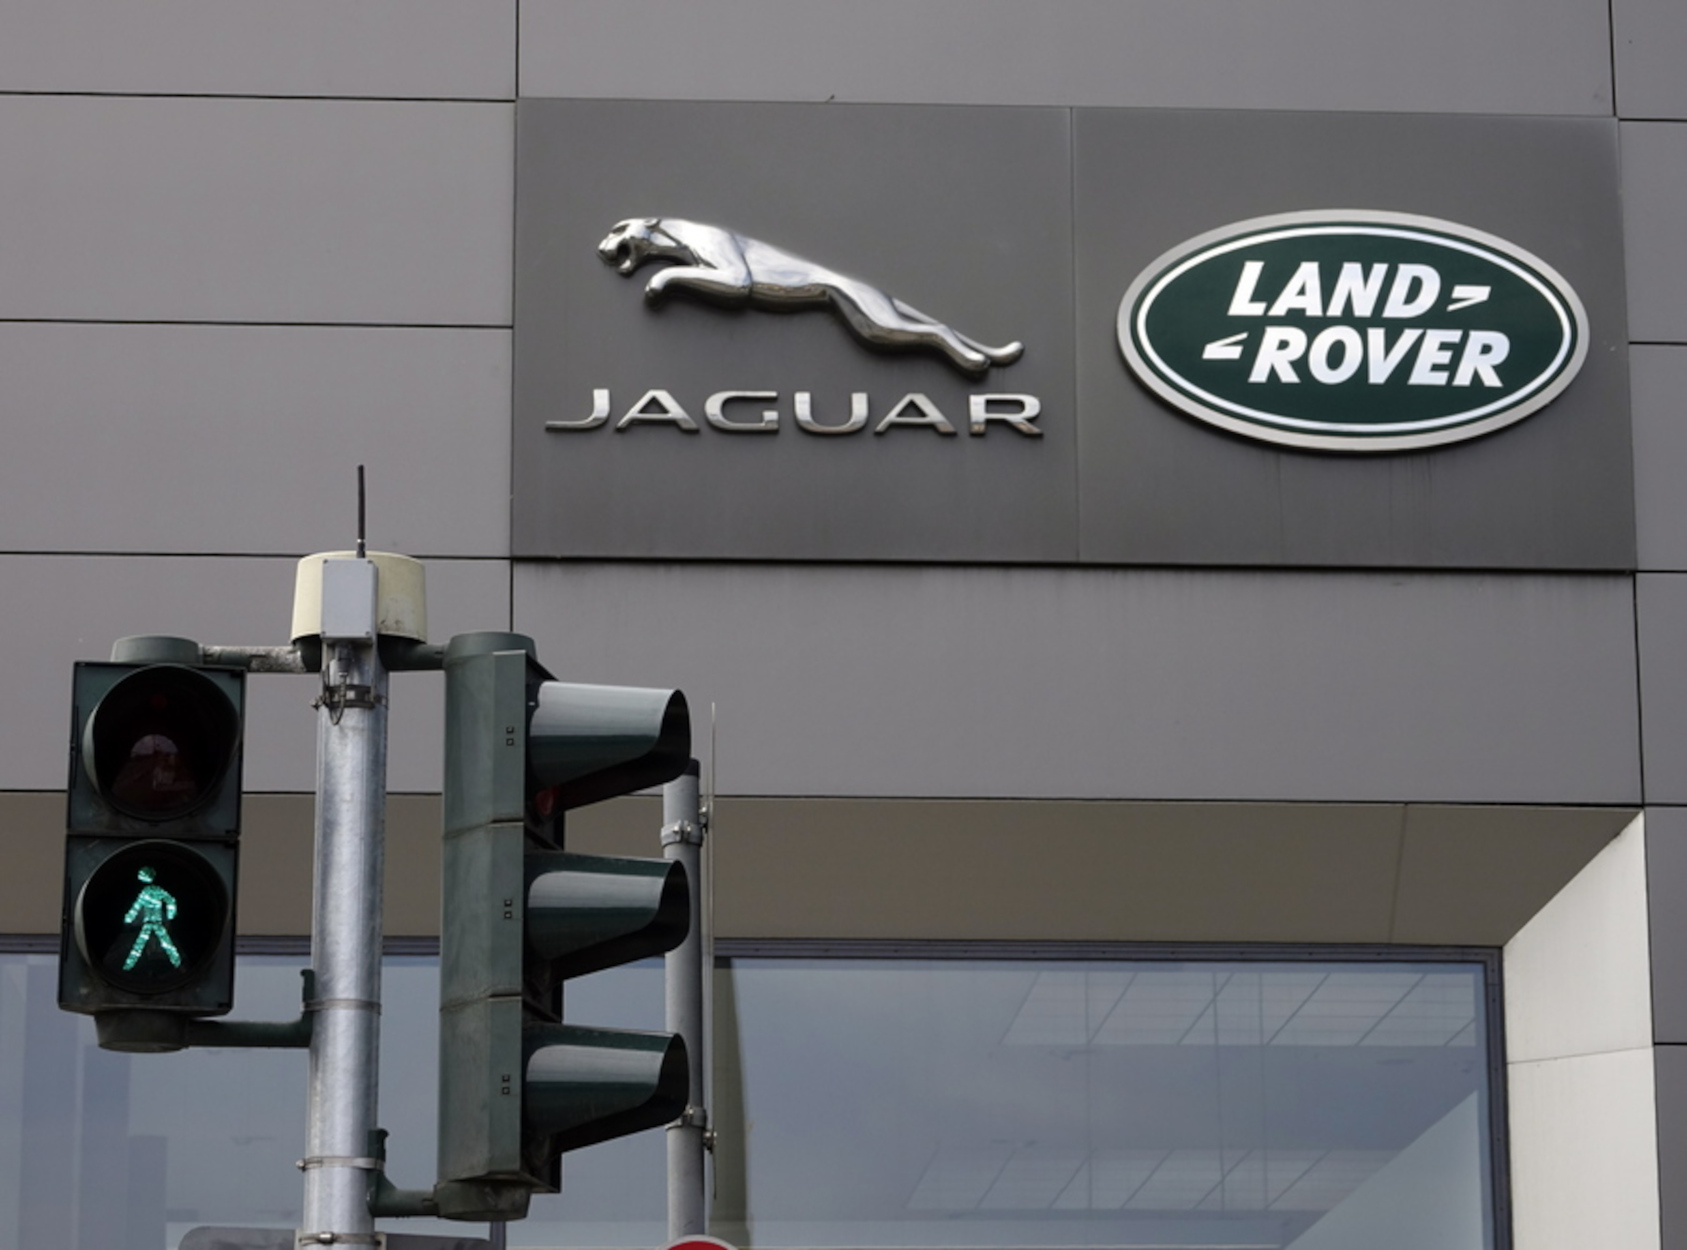 Πάτρα: Το τροχαίο με τη Jaguar που συντάραξε τη χώρα – Ο διάσημος τραγουδιστής που το είχε προκαλέσει